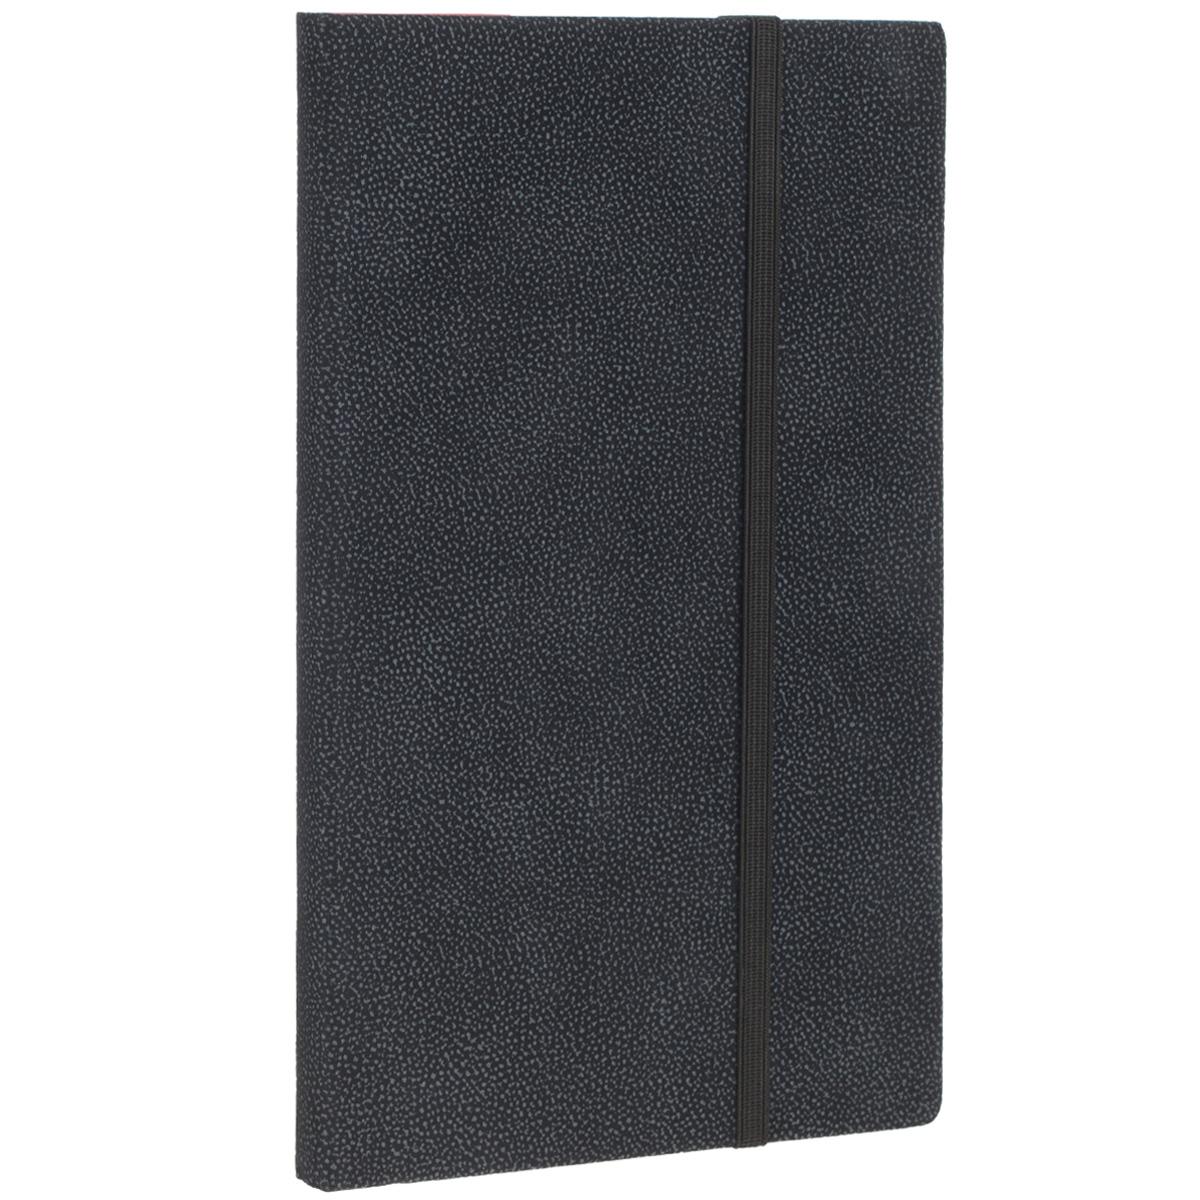 Записная книжка Erich Krause Tann, цвет: черный, 96 листов36781Записная книжка Erich Krause Tann - это дополнительный штрих к вашему имиджу. Демократичная в своем содержании, книжка может быть использована не только для личных пометок и записей, но и как недатированный ежедневник. Надежная твердая обложка из плотного картона, обтянутого приятным на ощупь текстильным материалом, сохранит ее в аккуратном состоянии на протяжении всего времени использования. Плотная в линейку бумага белого цвета, закладка-ляссе, практичные скругленные углы, эластичная петелька для ручки и внутренний бумажный карман на задней обложке - все это обеспечит вам истинное удовольствие от письма. В начале книжки имеется страничка для заполнения личных данных владельца, четыре страницы для заполнения адресов, телефонов и интернет-почты и четыре страницы для заполнения сайтов и ссылок. Благодаря небольшому формату книжку легко взять с собой. Записная книжка плотно закрывается при помощи фиксирующей резинки.